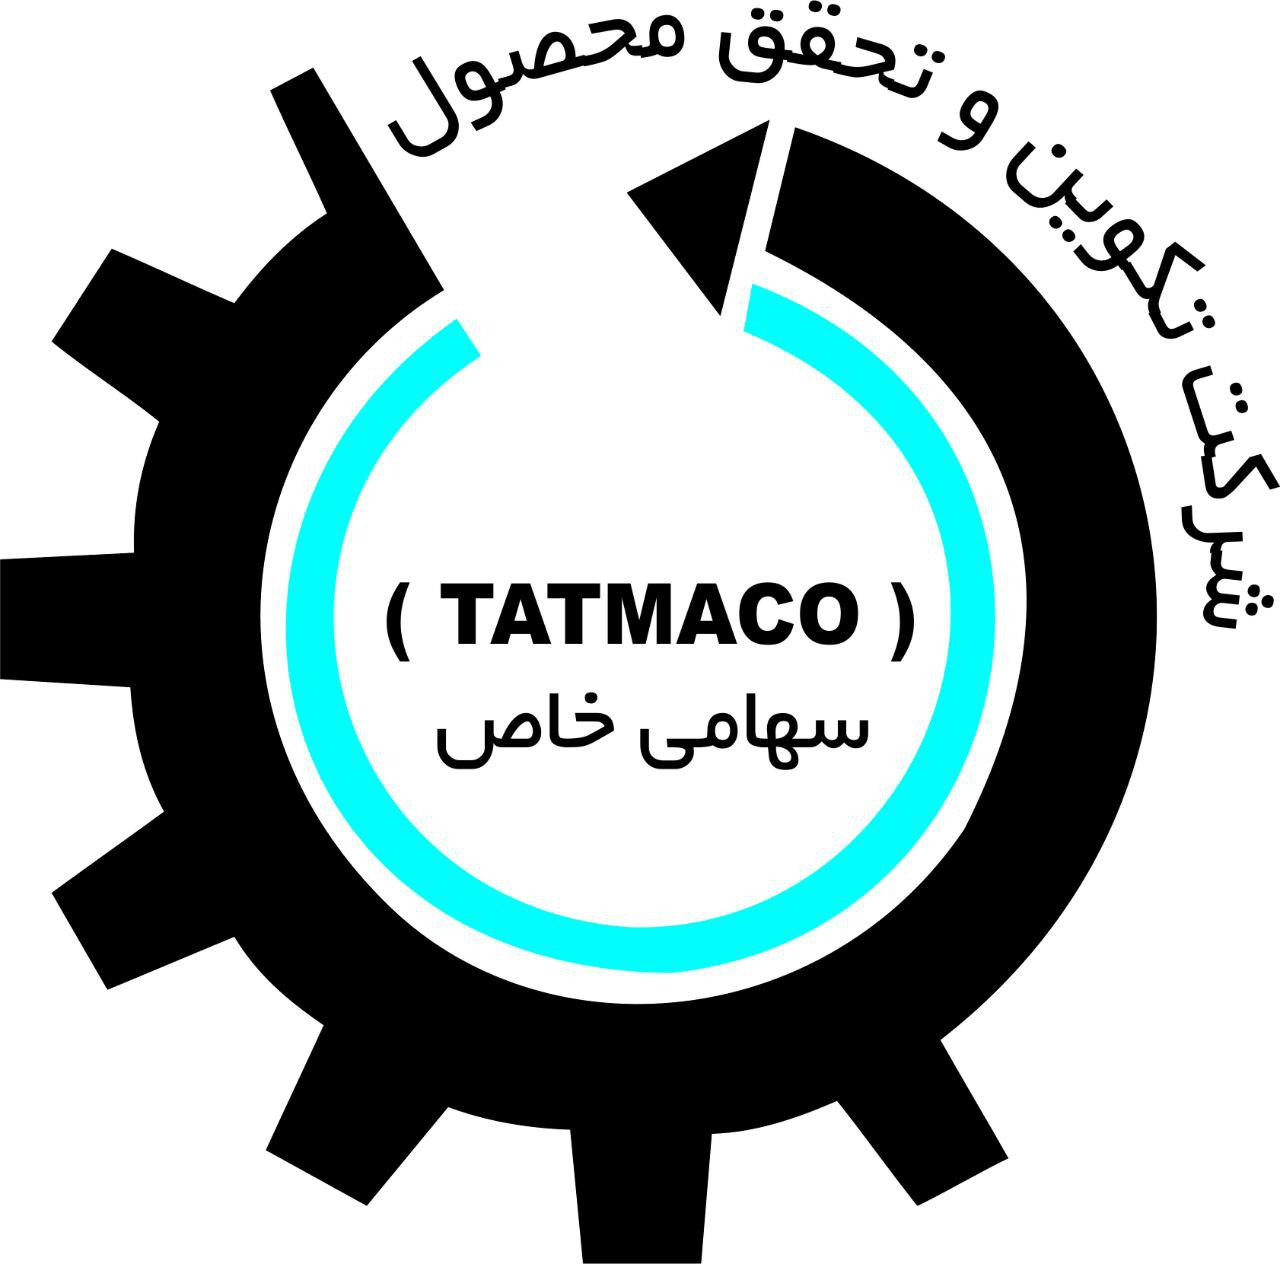 لوگوی تاتماکو